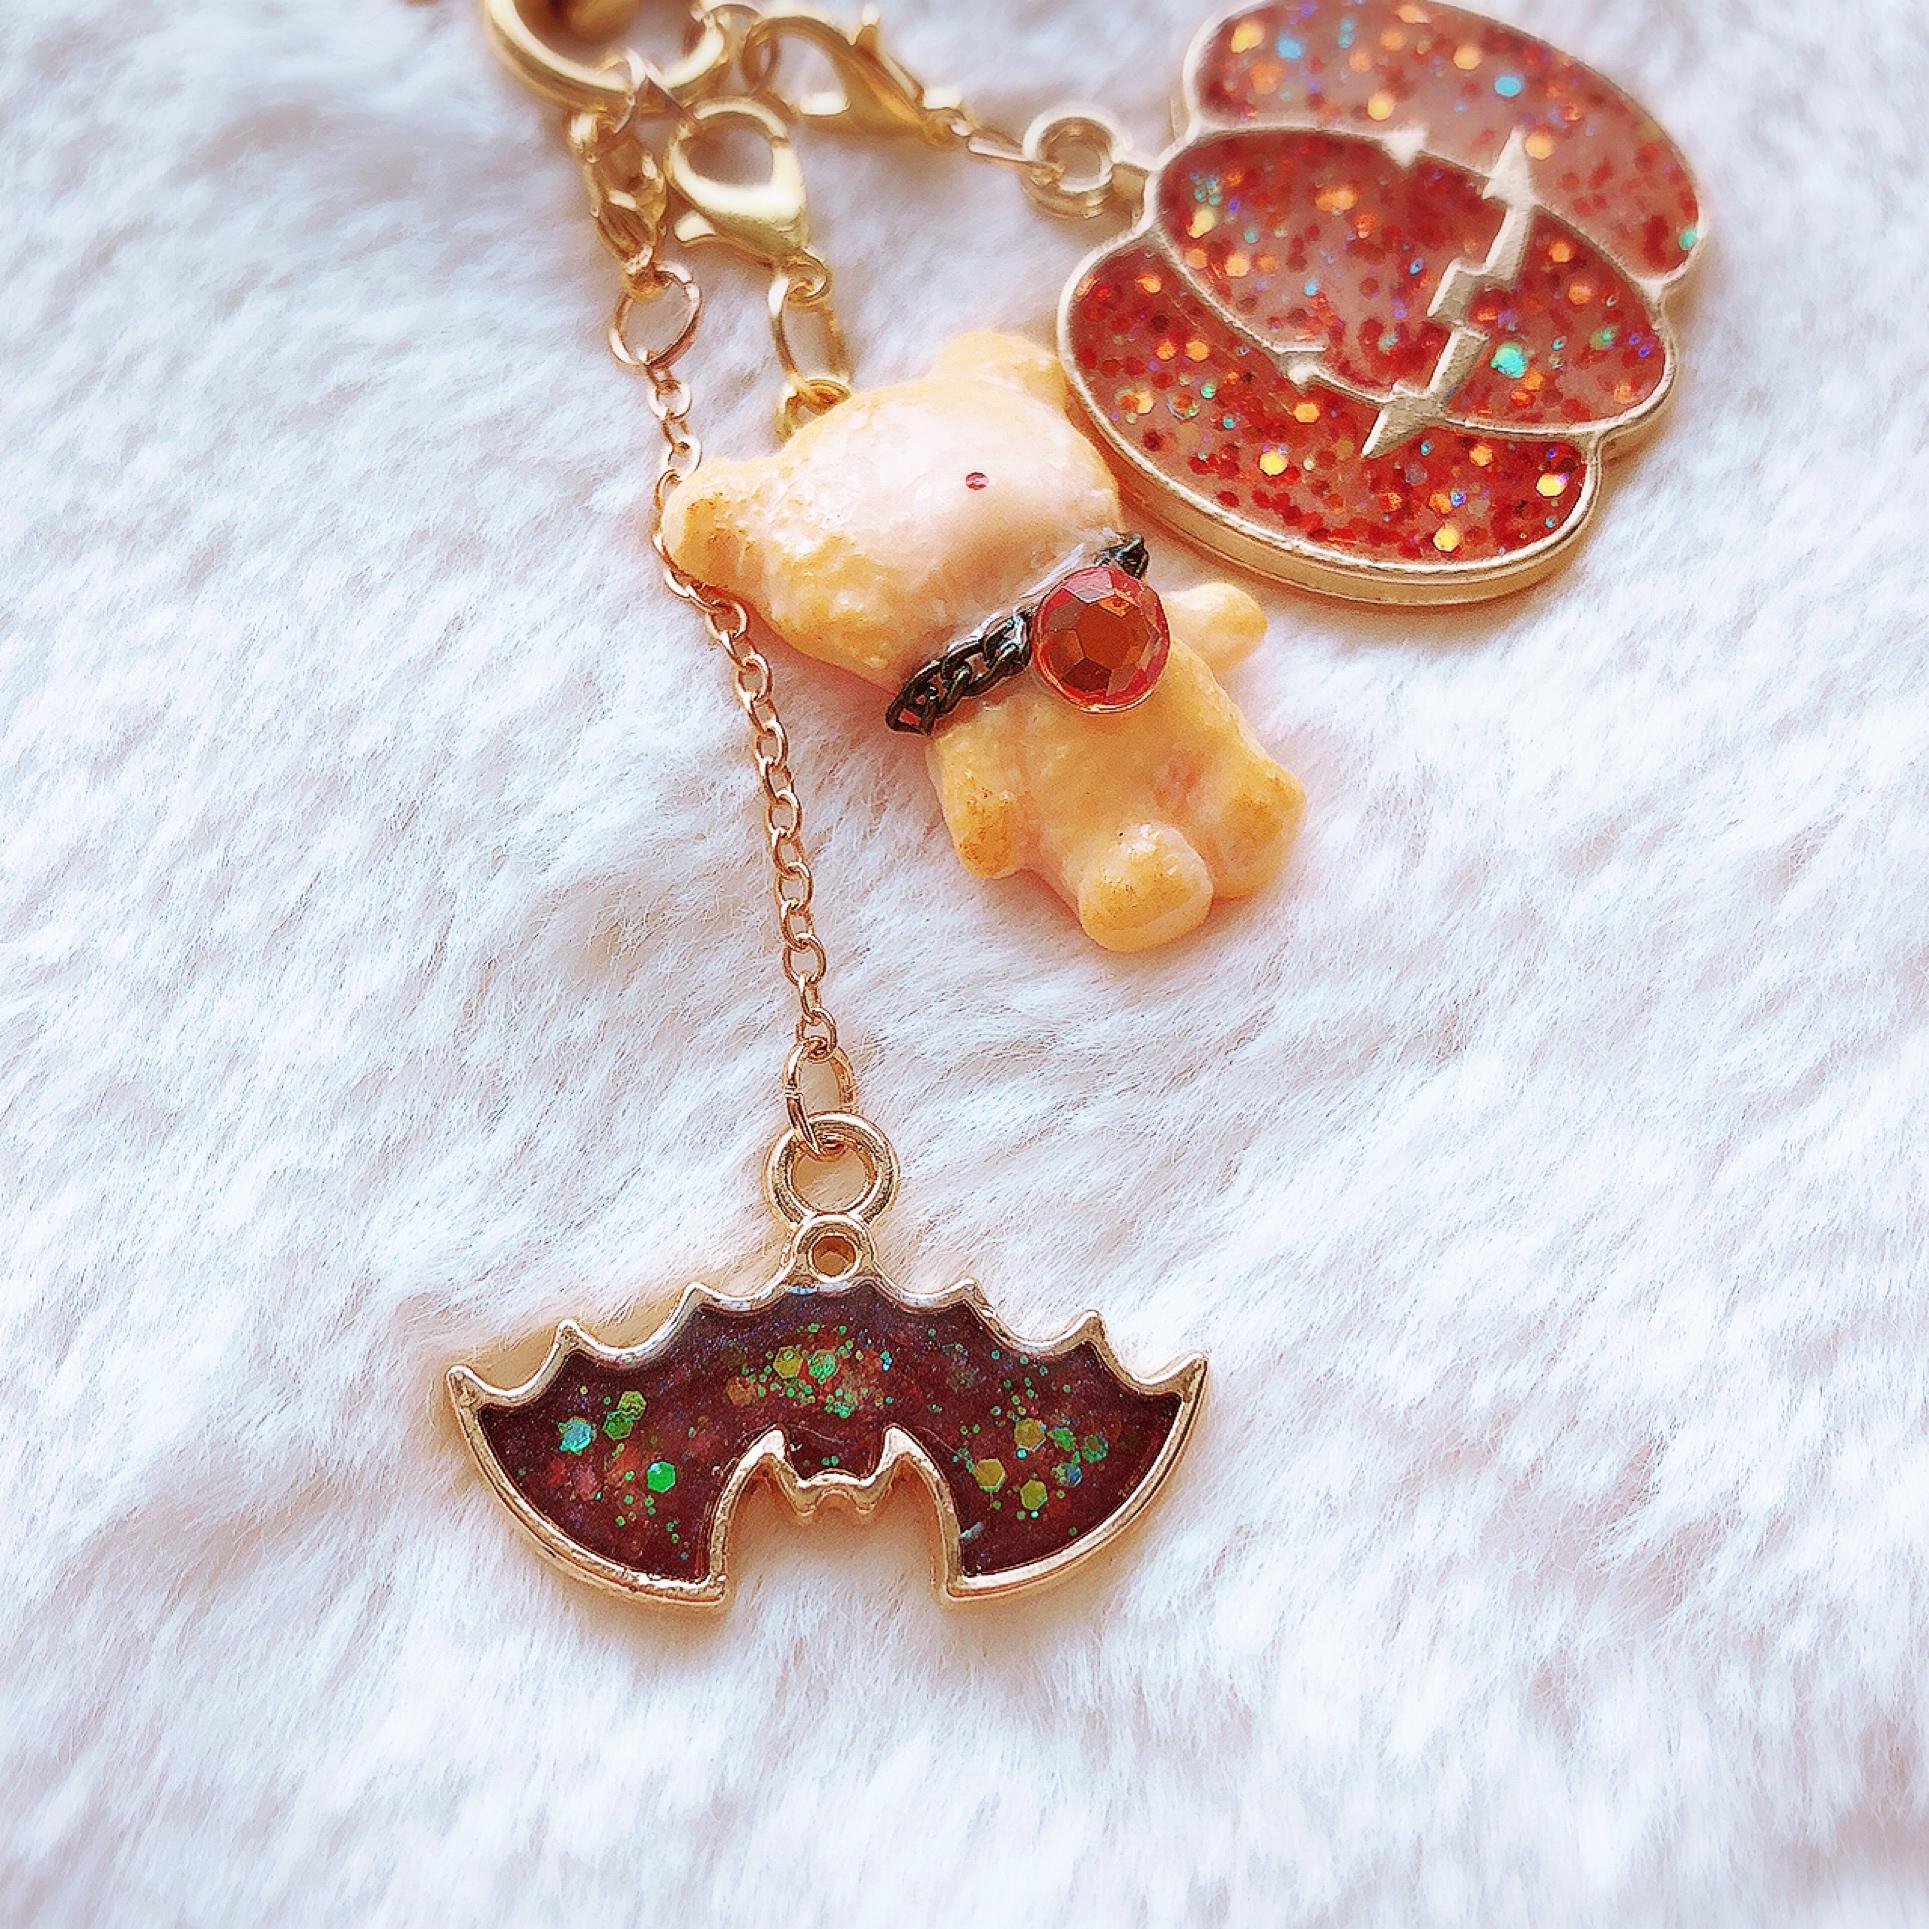 【ピアコレ・キューティーナイトメア】【Puryun】くまさんクッキーハロウィンチャーム(オレンジネックレスversion)